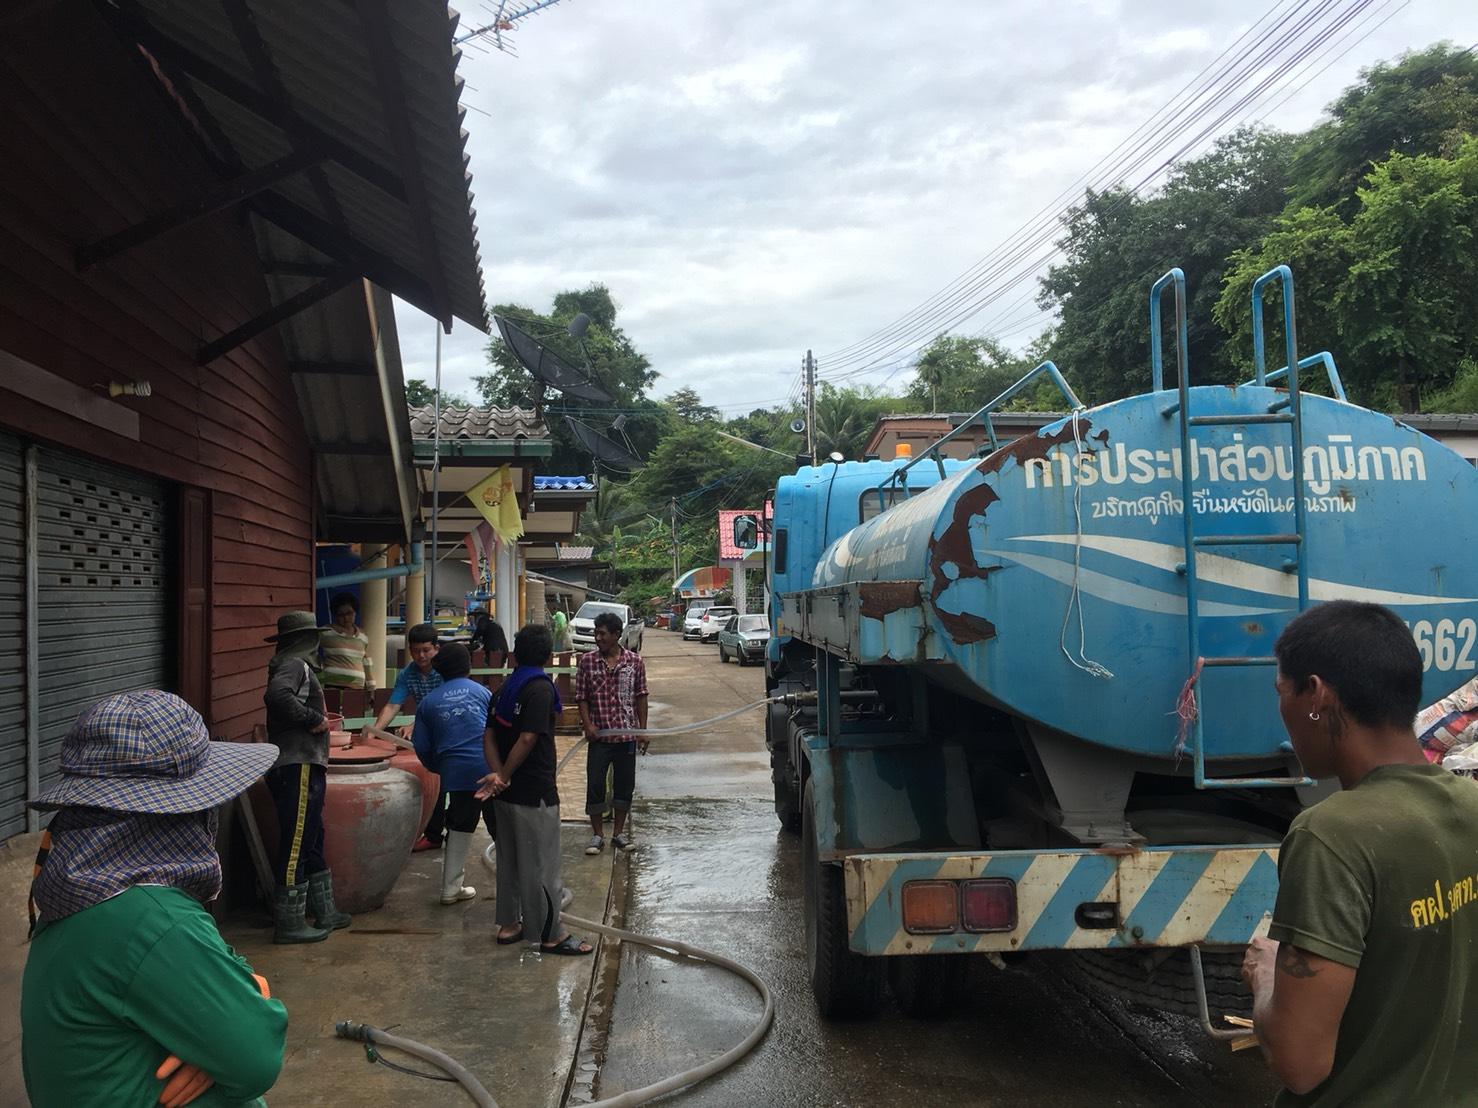 กปภ.สาขาขลุง ส่งรถบรรทุกน้ำแจกน้ำประปาฟรี บรรเทาความเดือดร้อนของประชาชน